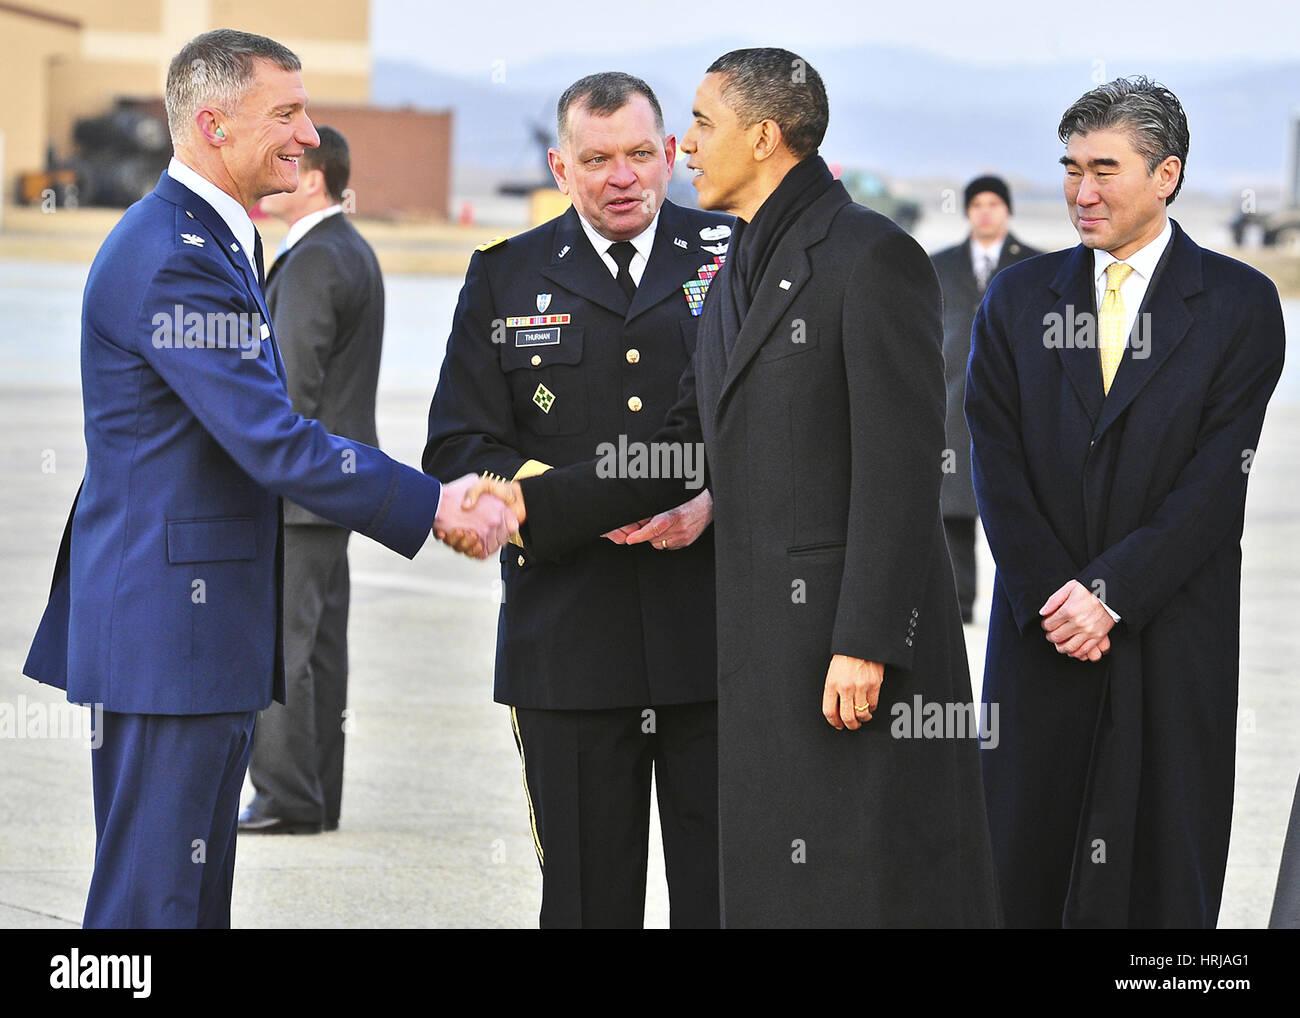 President Obama, Osan Air Base, Korea Stock Photo